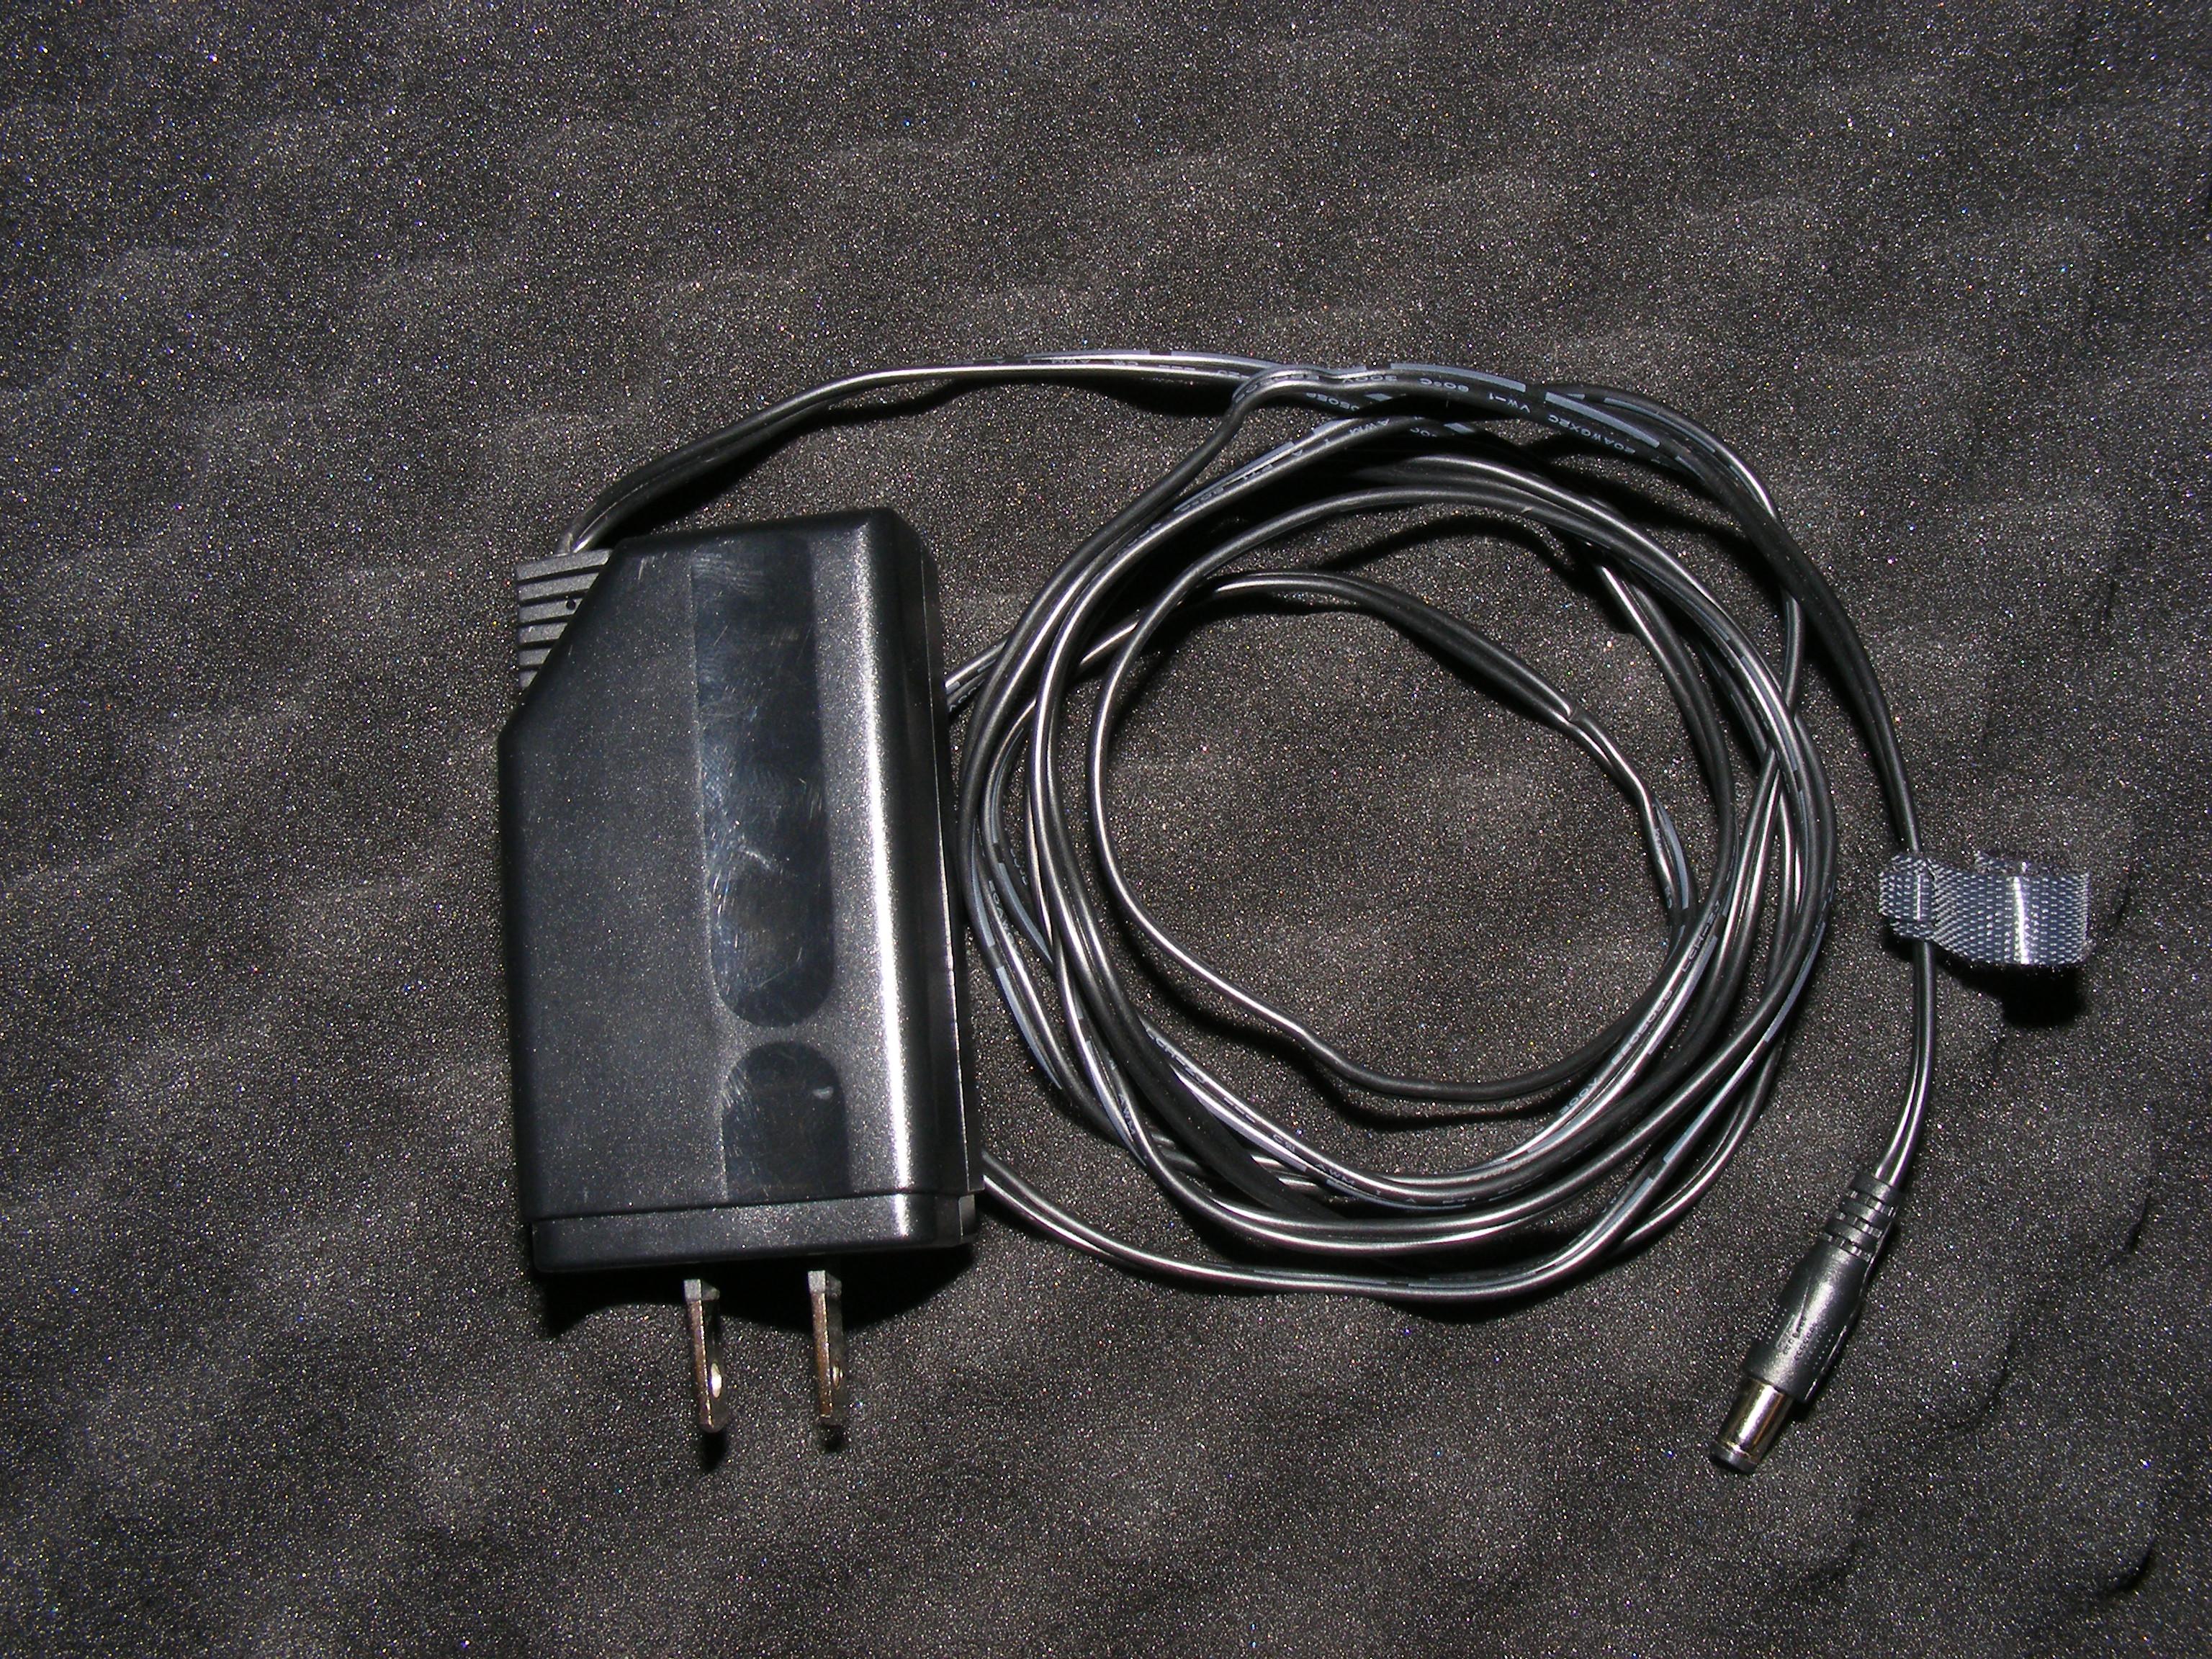 DSCF2333.JPG